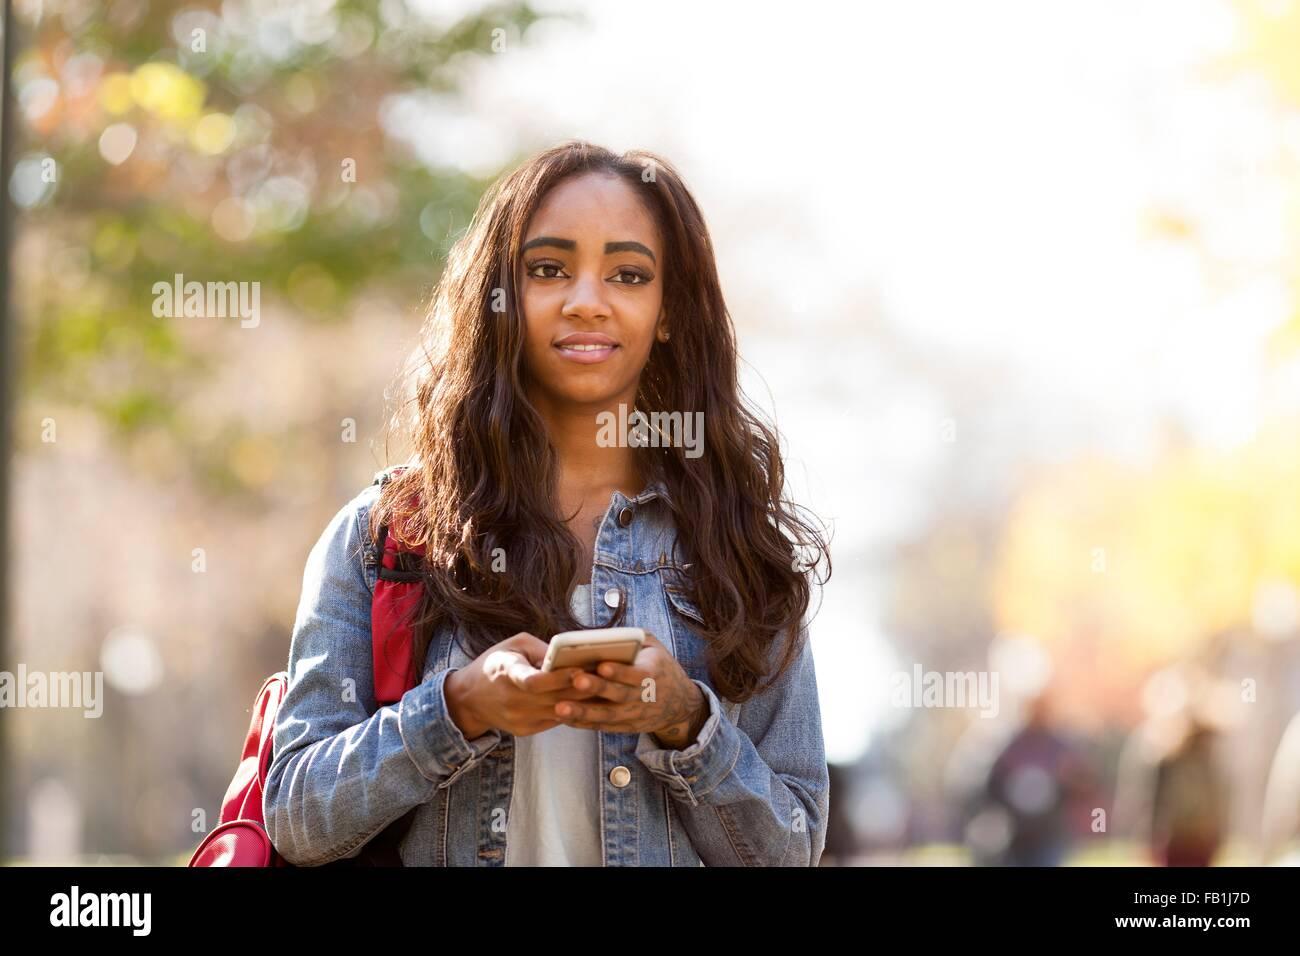 Junge Frau mit langen braunen Haaren tragen Jeansjacke holding Smartphone suchen Sie lächelnd Stockbild